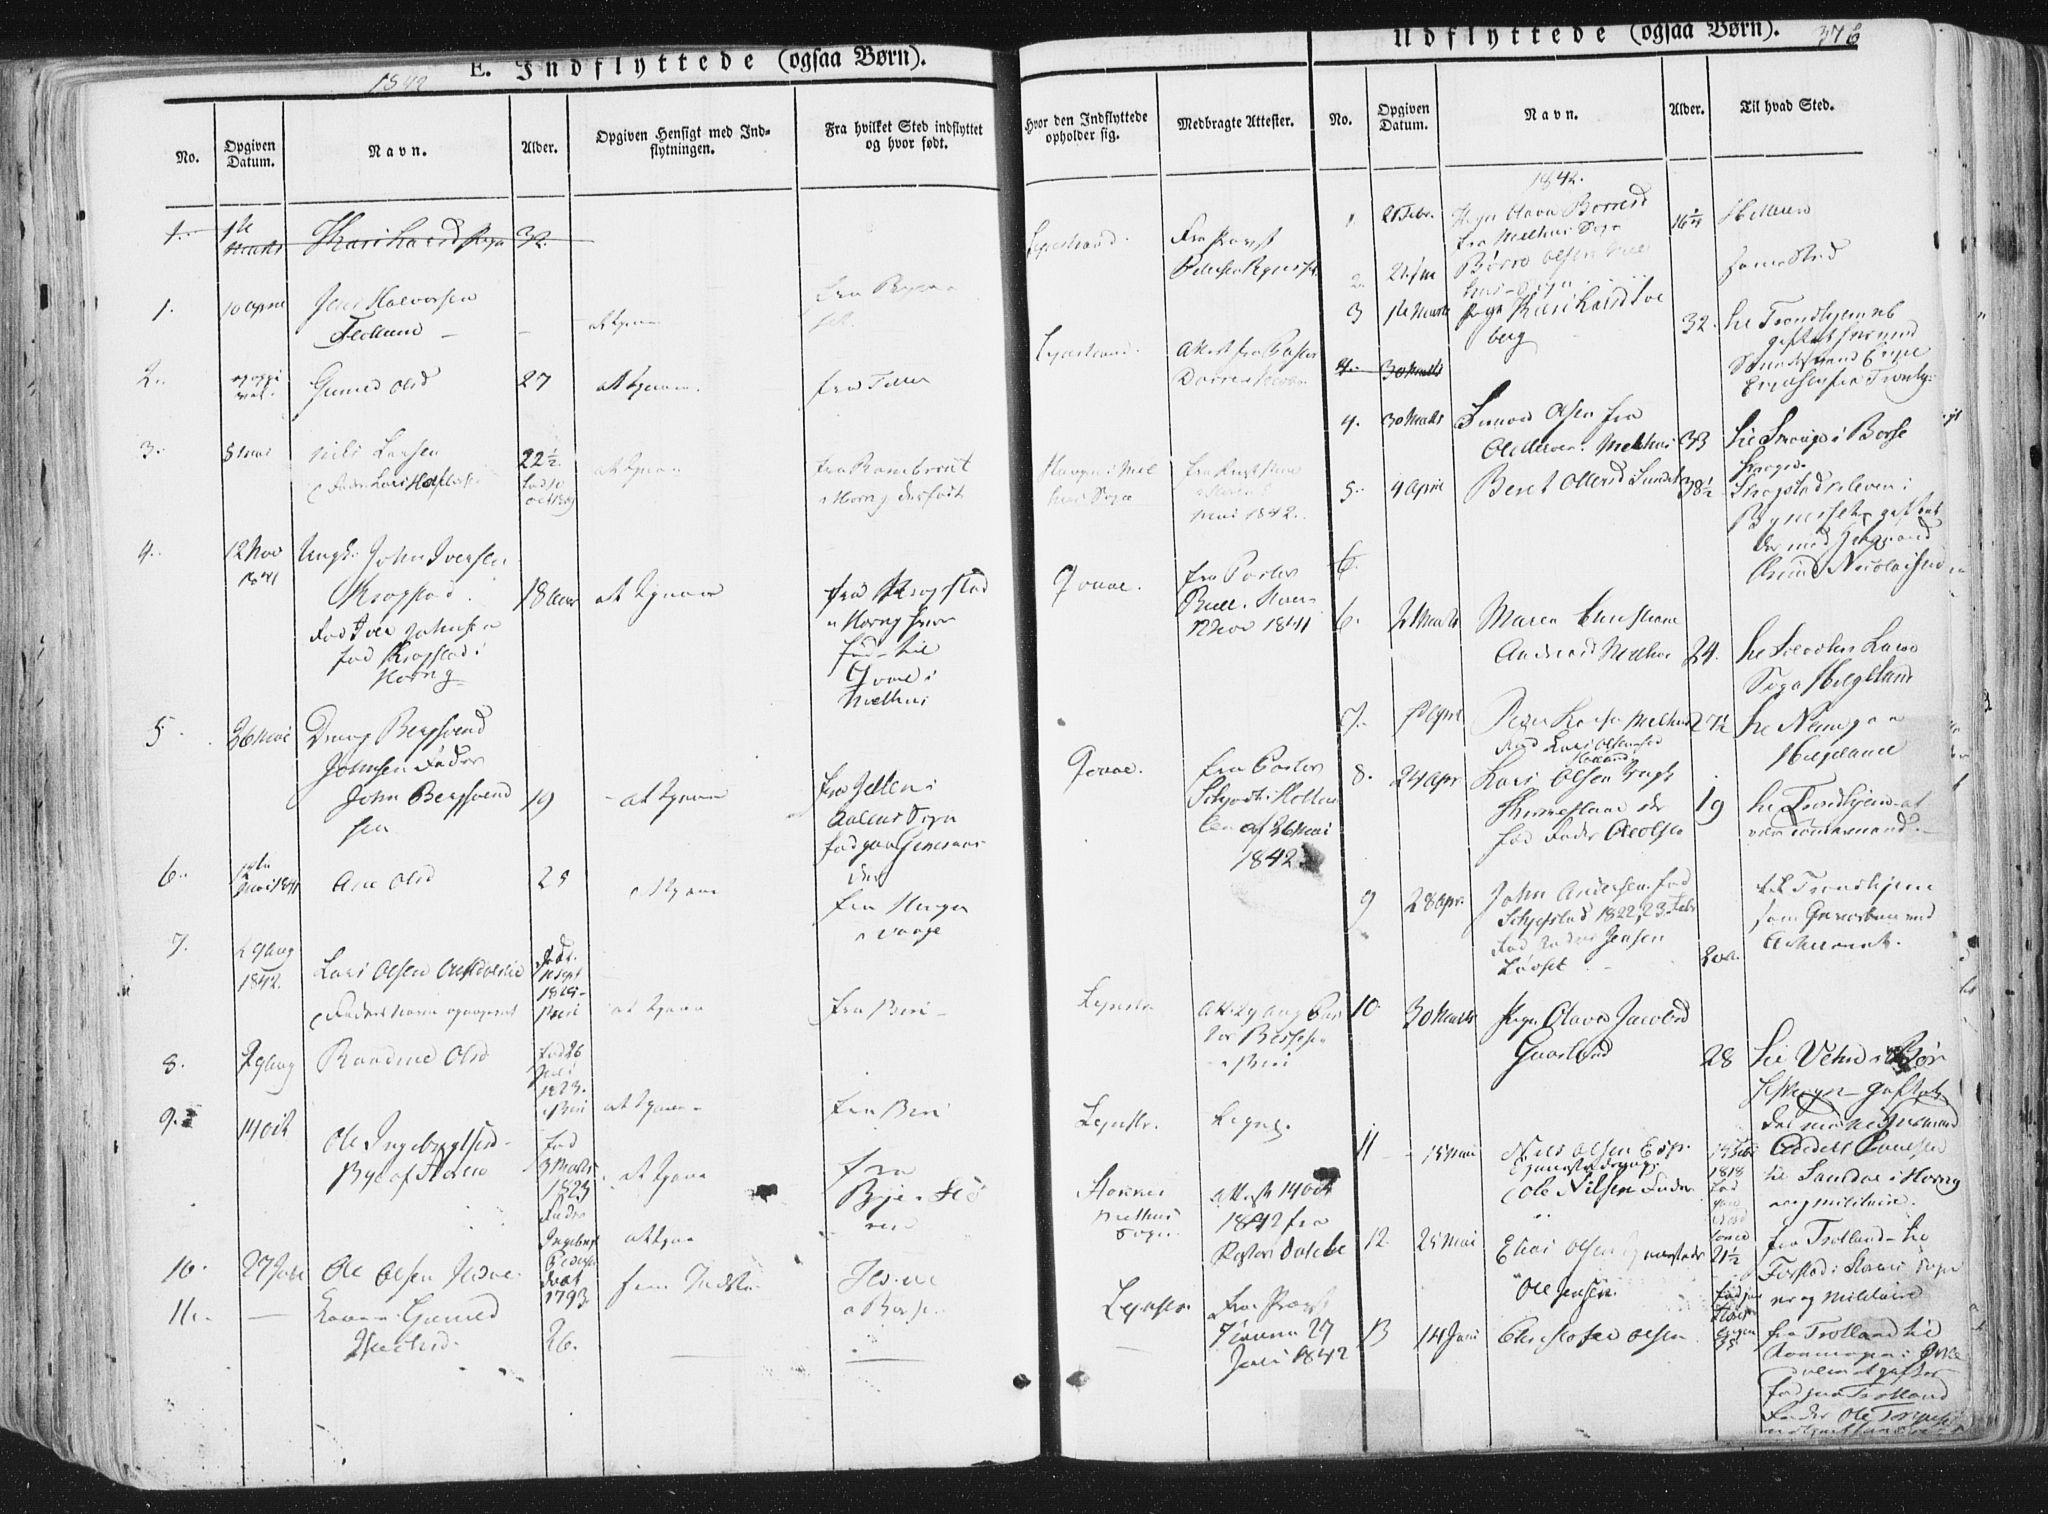 SAT, Ministerialprotokoller, klokkerbøker og fødselsregistre - Sør-Trøndelag, 691/L1074: Ministerialbok nr. 691A06, 1842-1852, s. 376